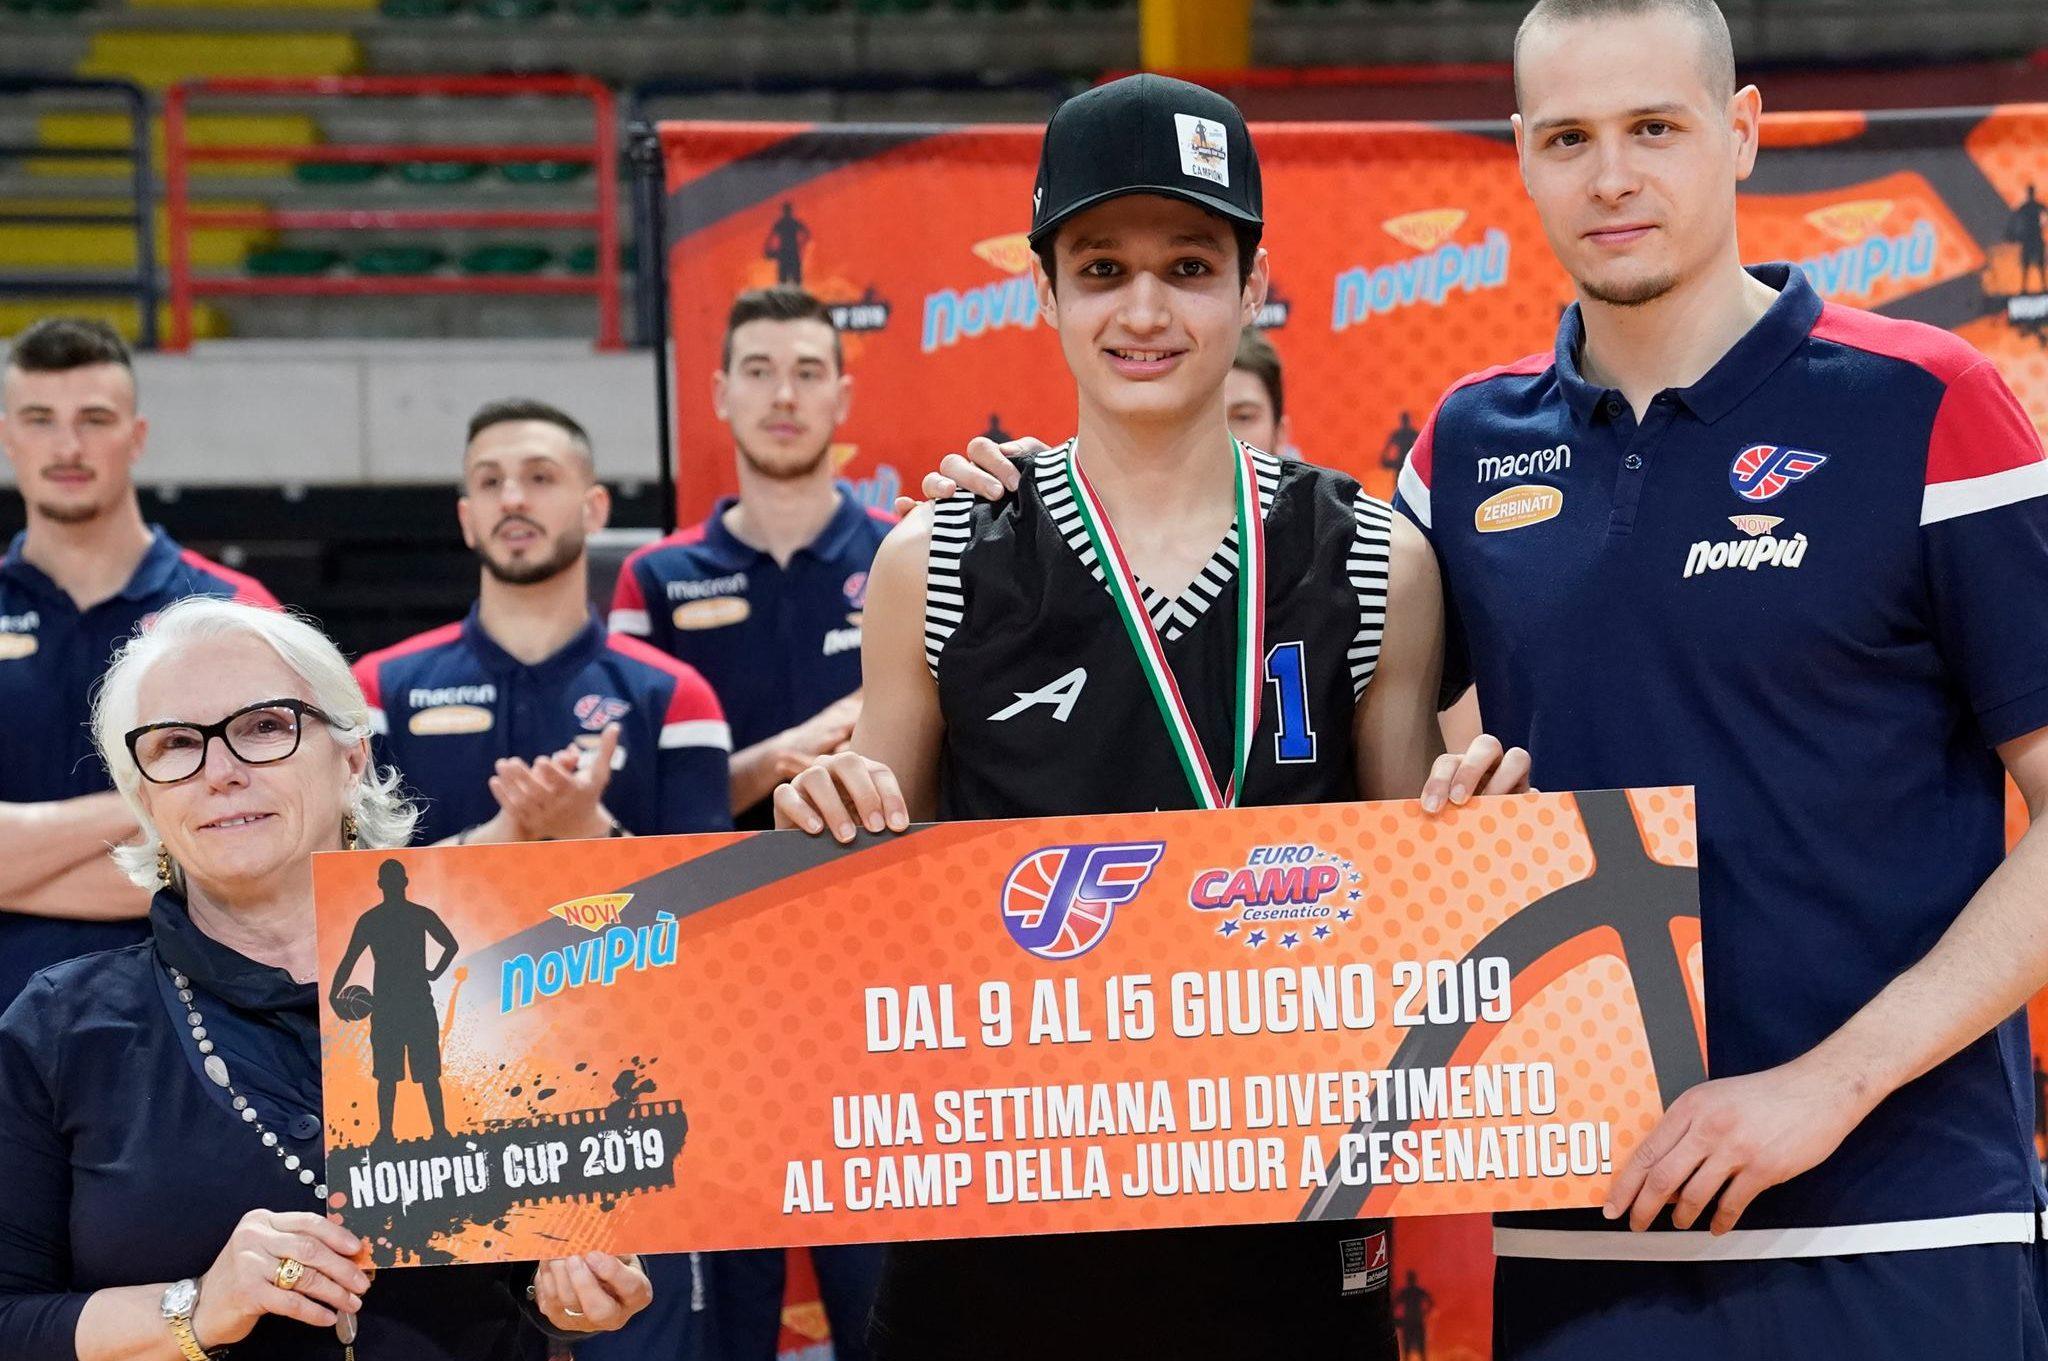 Novipiù Cup 2019 Pugliatti